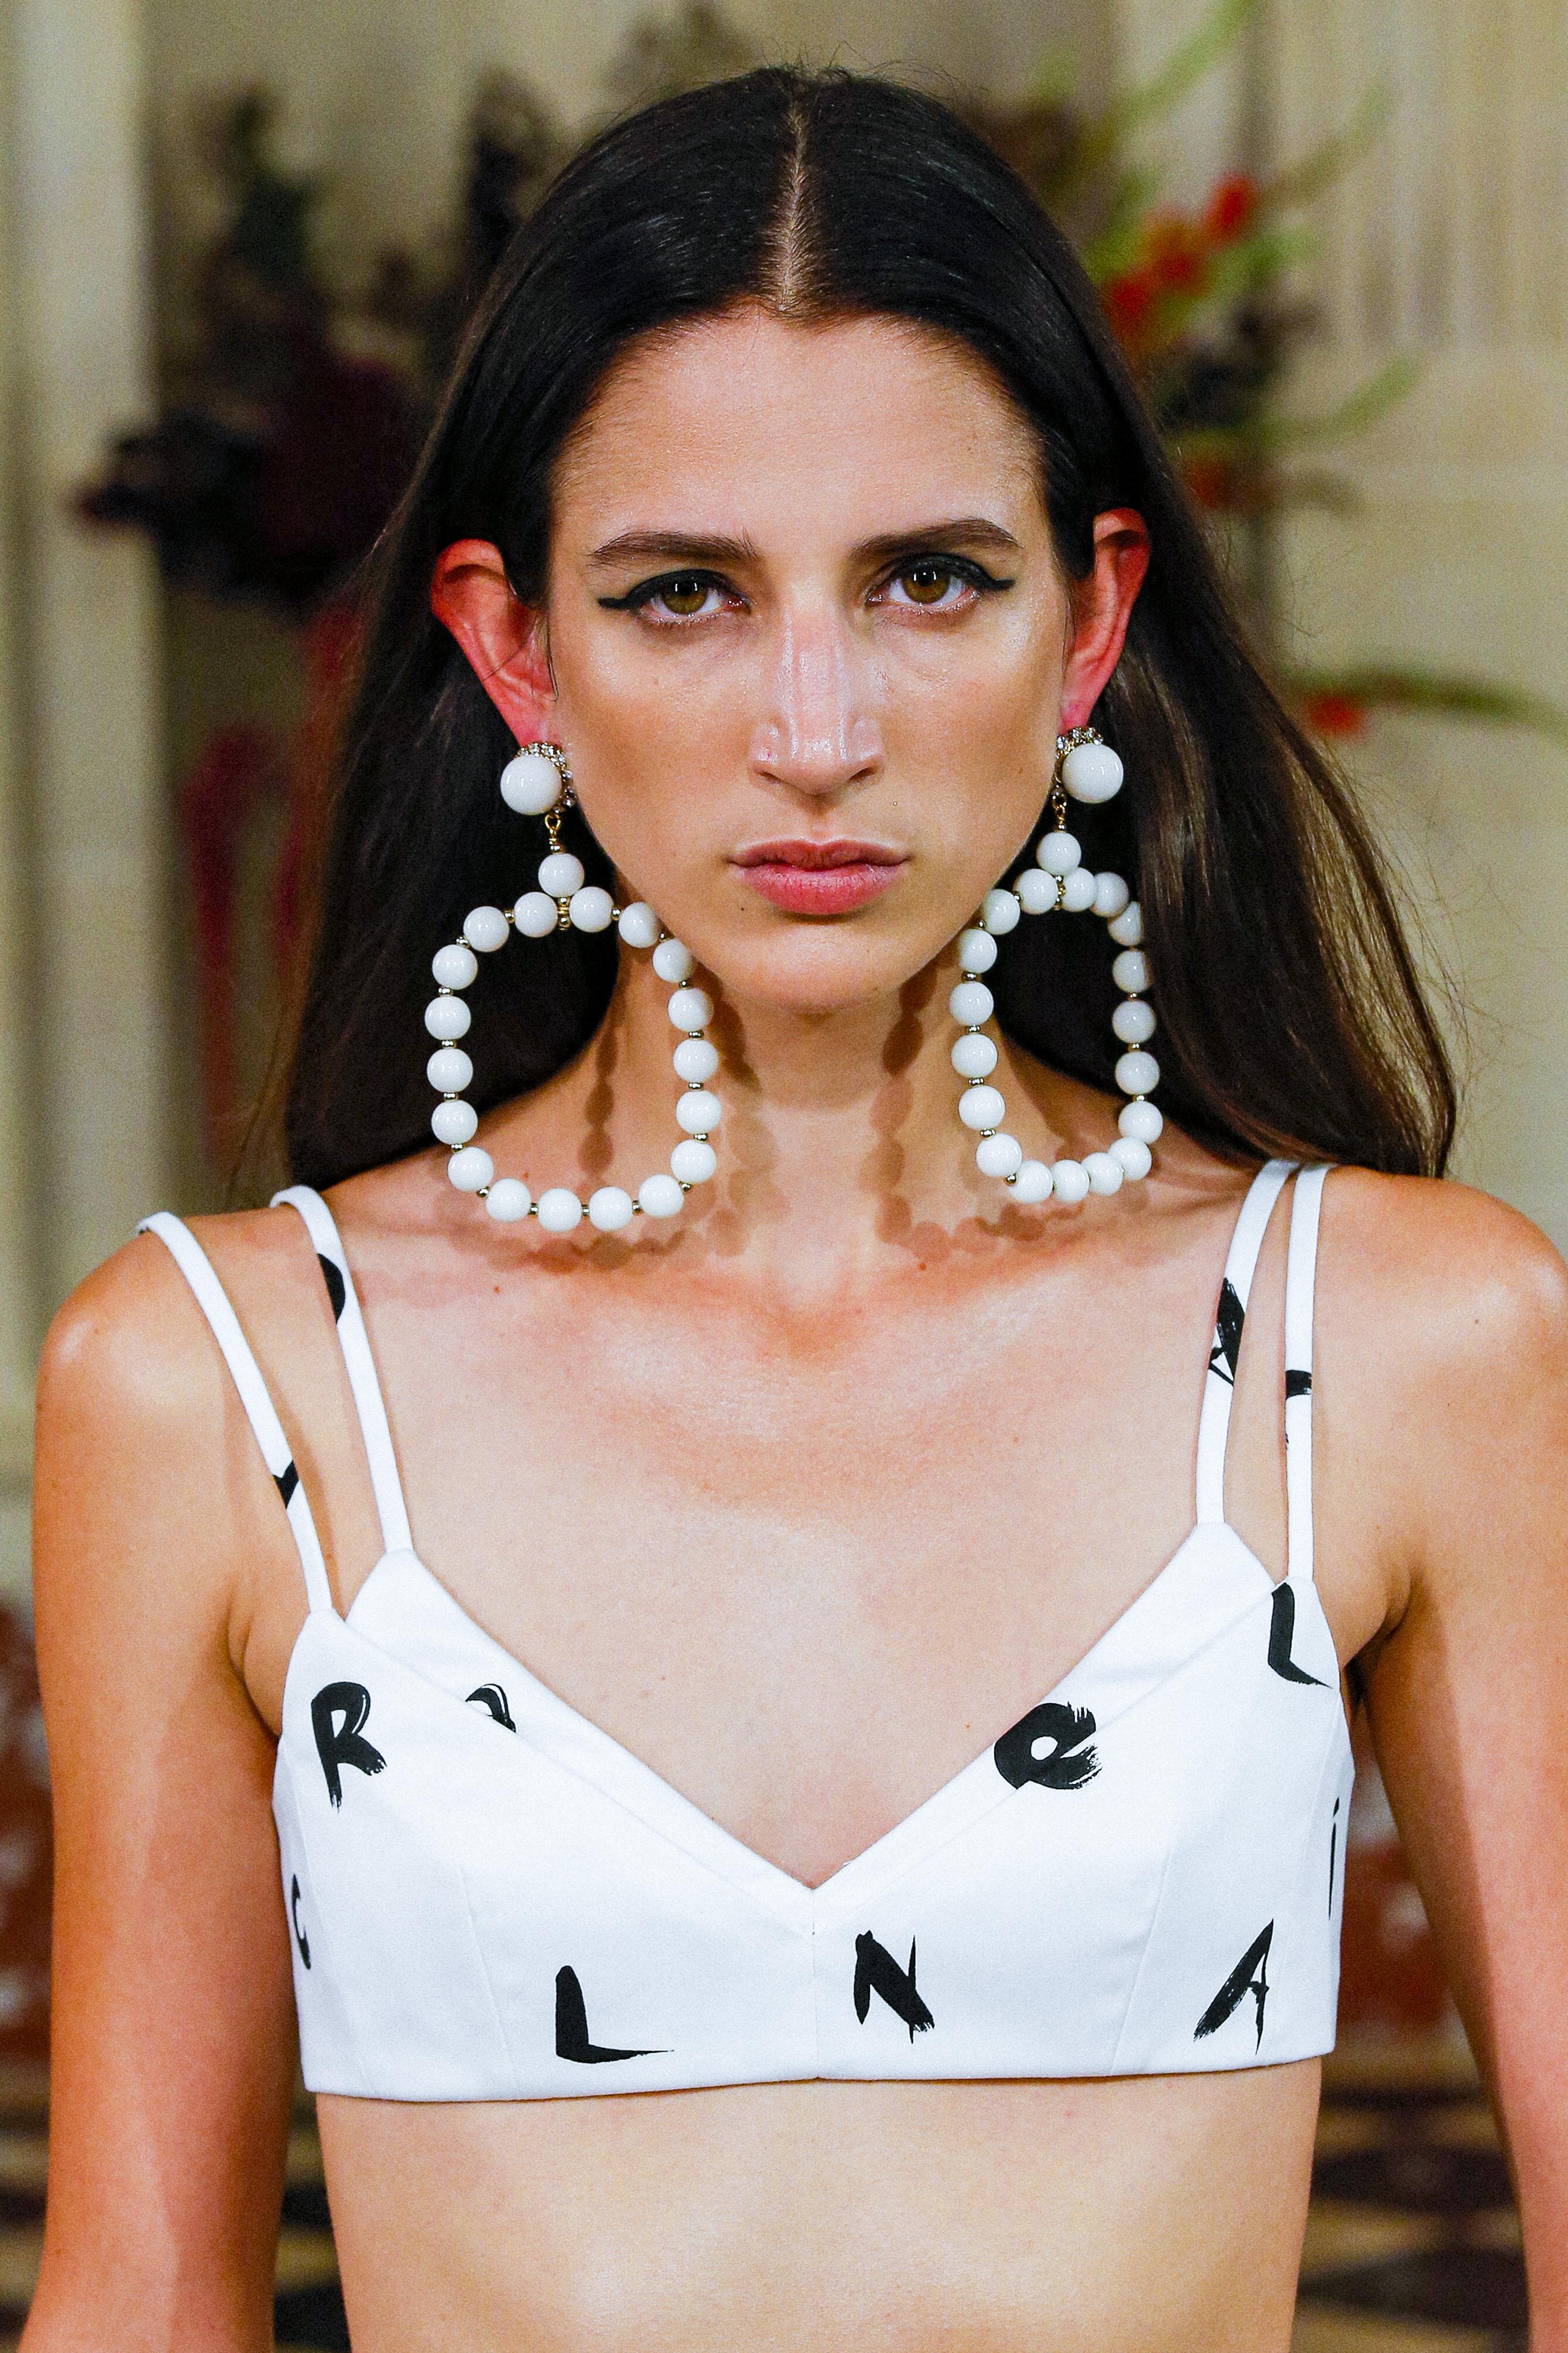 Modelo no desfile primavera-verão 2022 da Carolina Herrera na semana de moda de Nova York. Ela está com expressão facial séria, cabelo solto para trás, delineado preto, maxibrinco branco e dá para ver uma parte de sua roupa preta e branca.